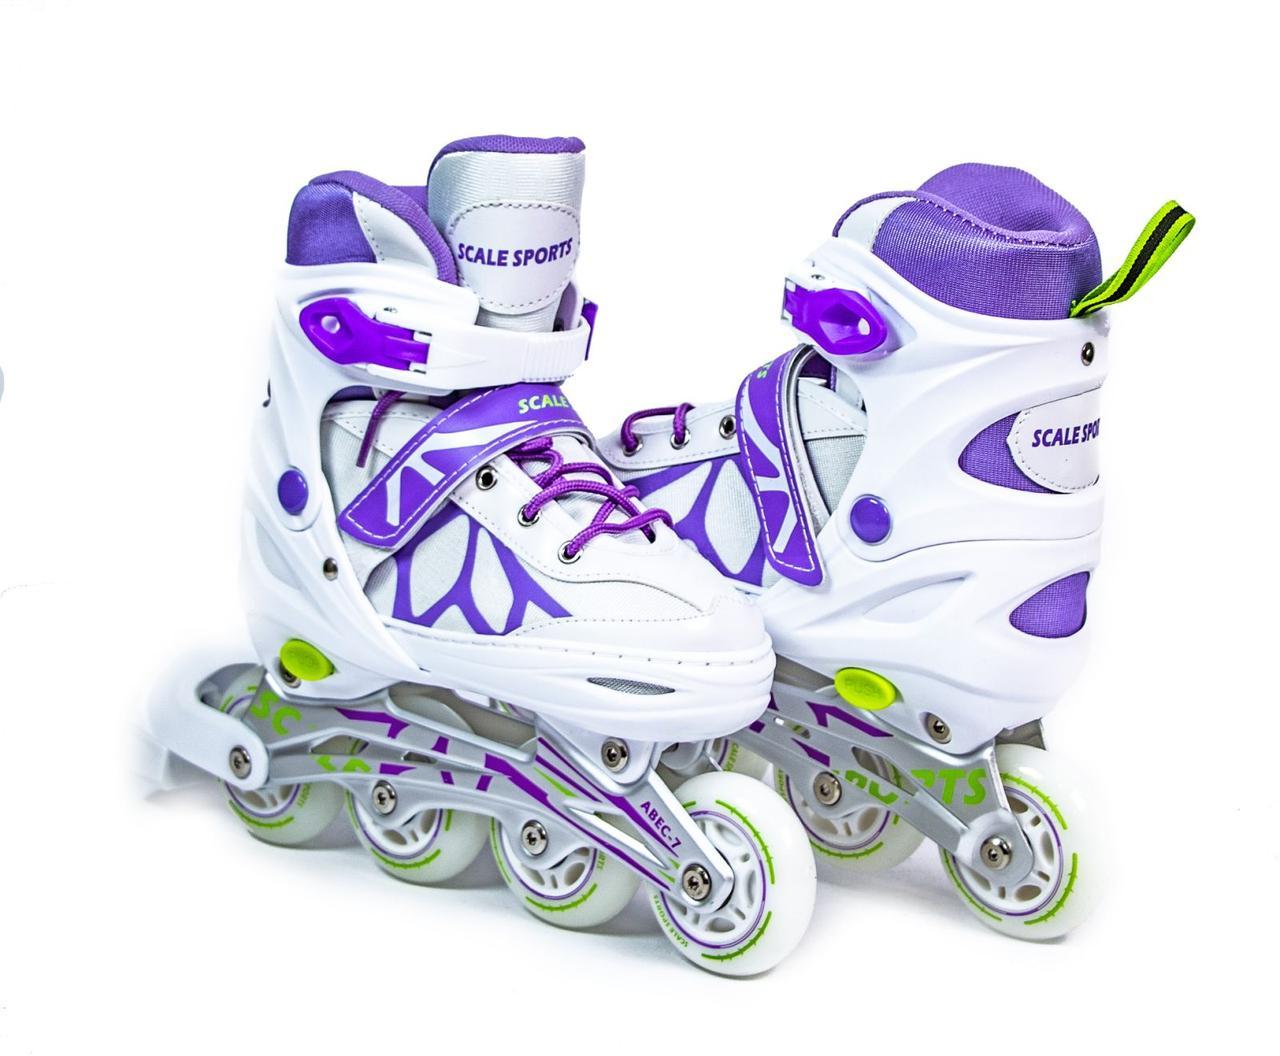 Ролики раздвижные детские Scale Sports бело-фиолетовые, размер 29-33